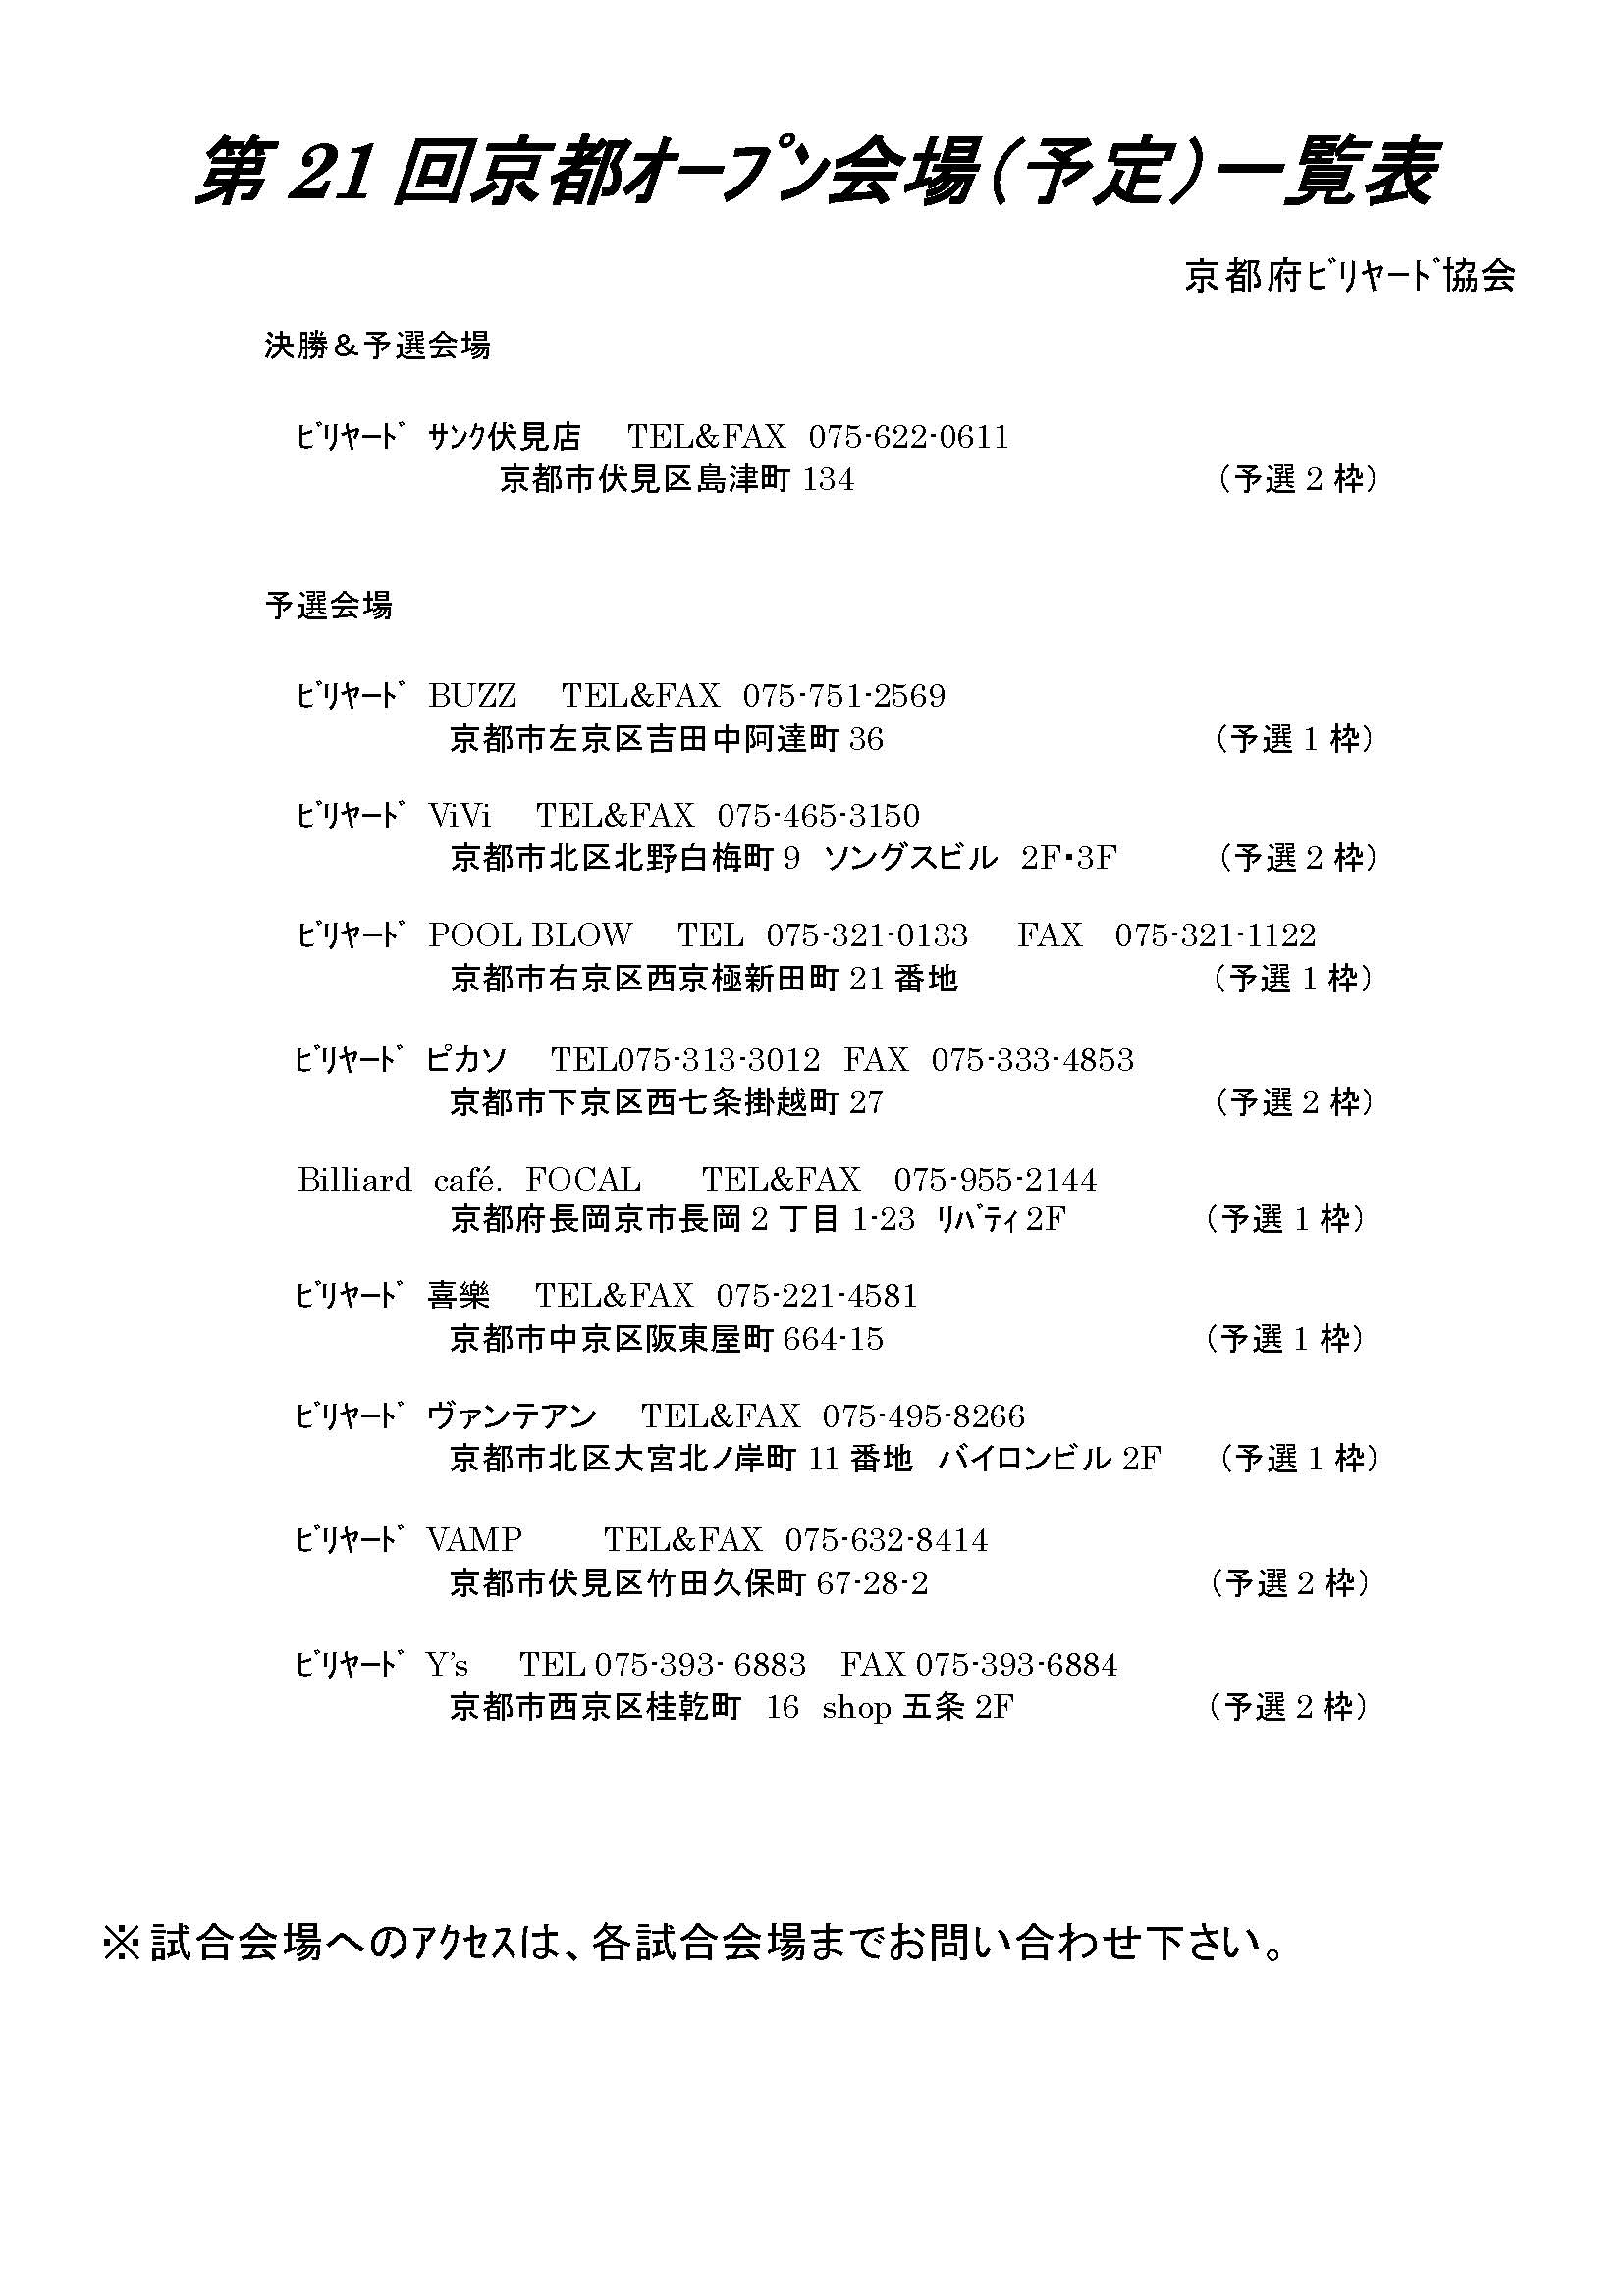 第21回京都オープン会場(予定)一覧表